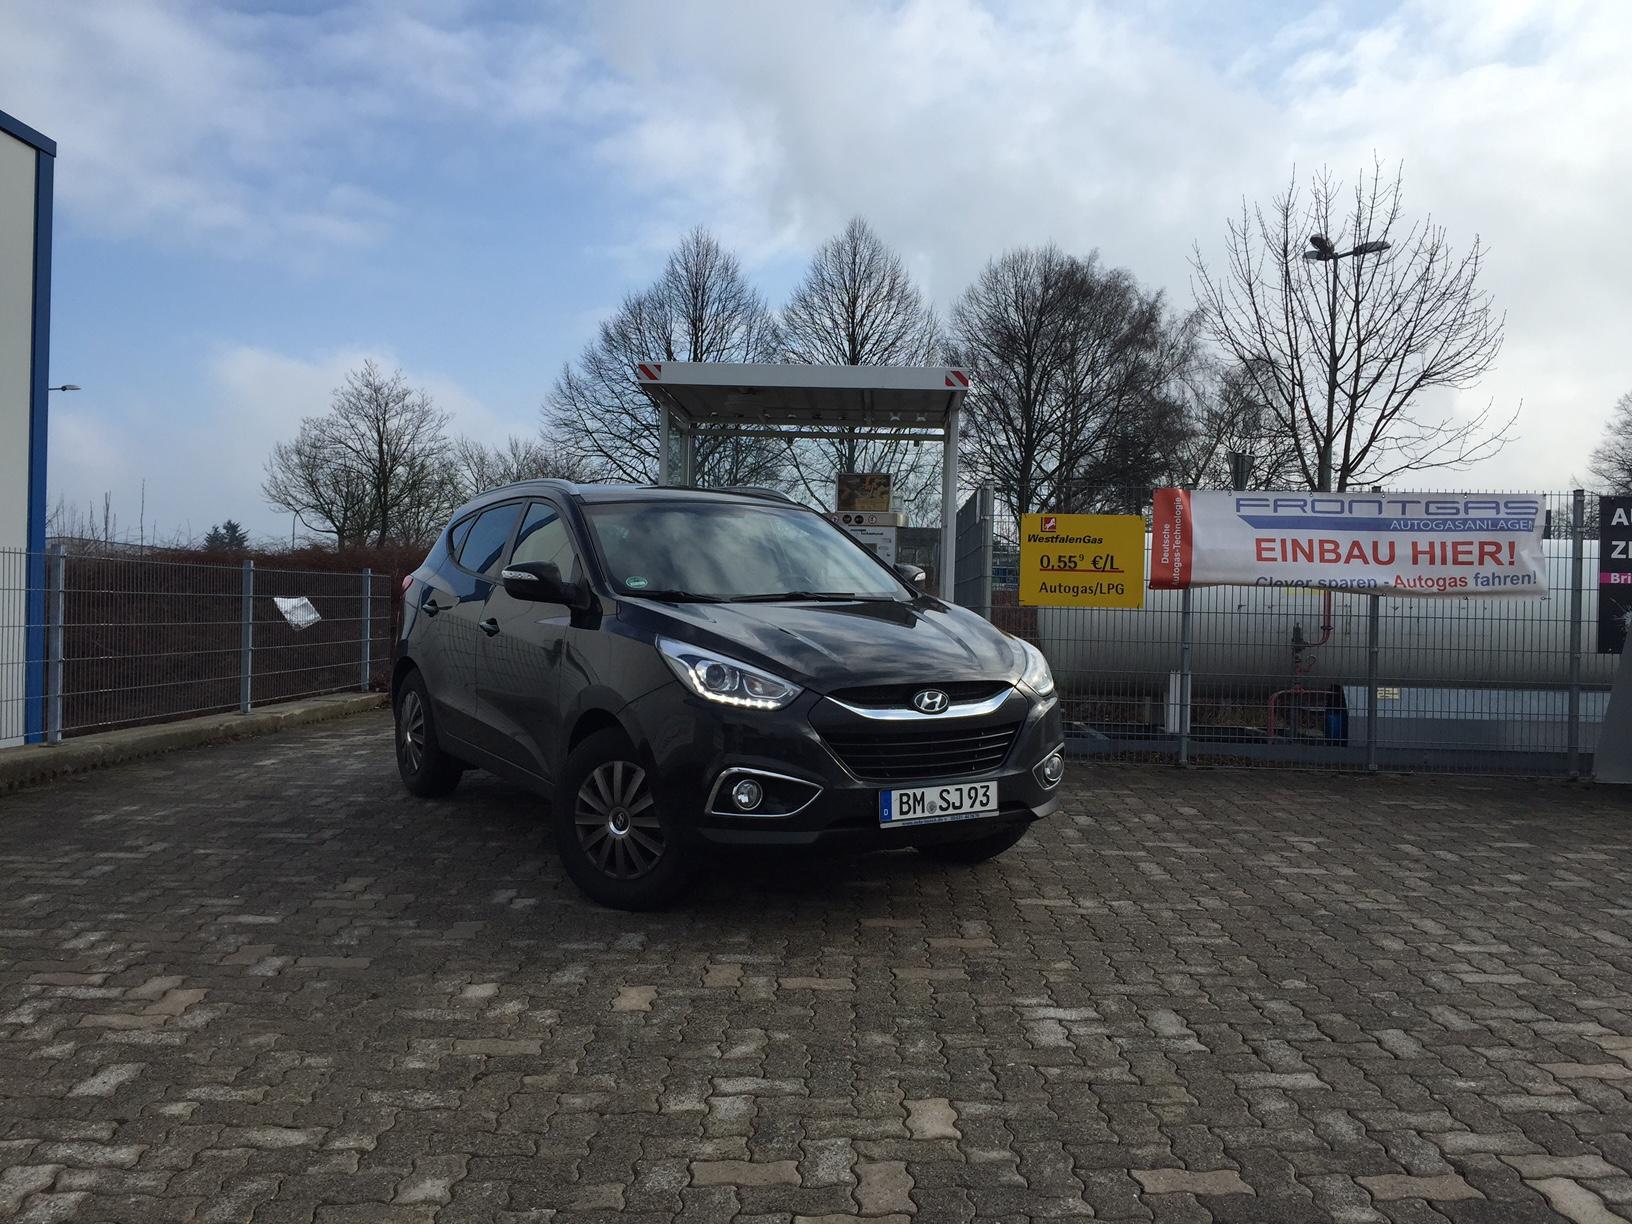 autogas_umruesstung-auf-lpg-autogas-hyundai-ix-35-gdi-new-hauptbild